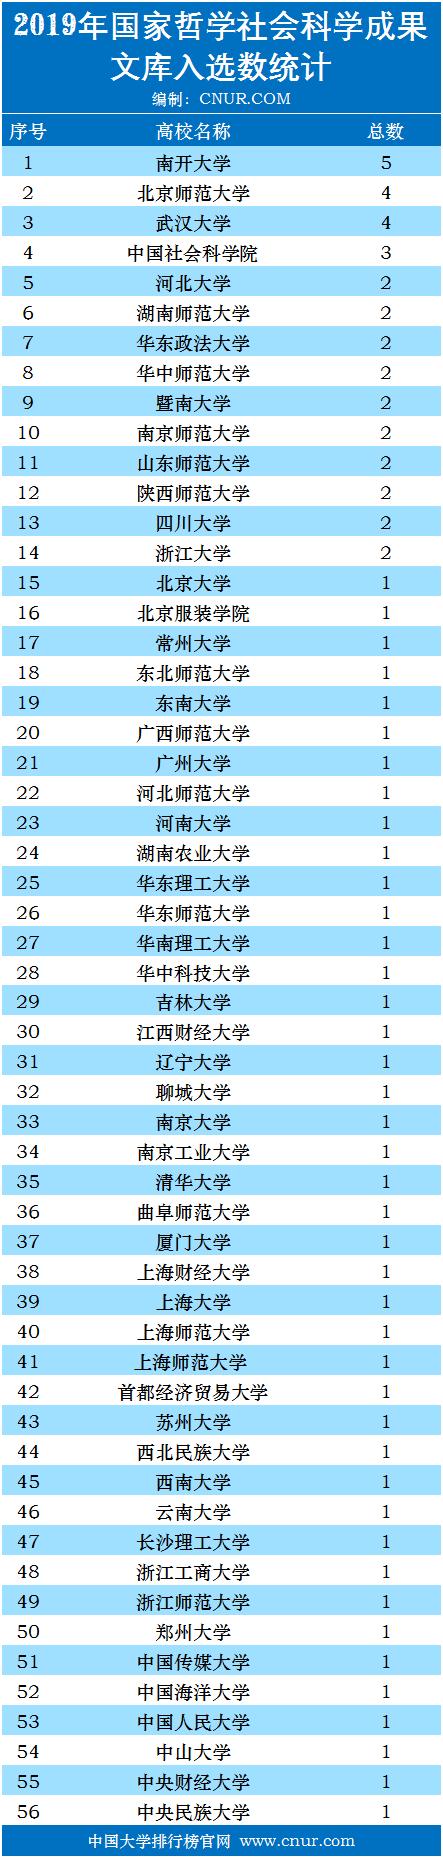 2019年国家哲学社会科学成果文库入选数统计-第1张图片-中国大学排行榜